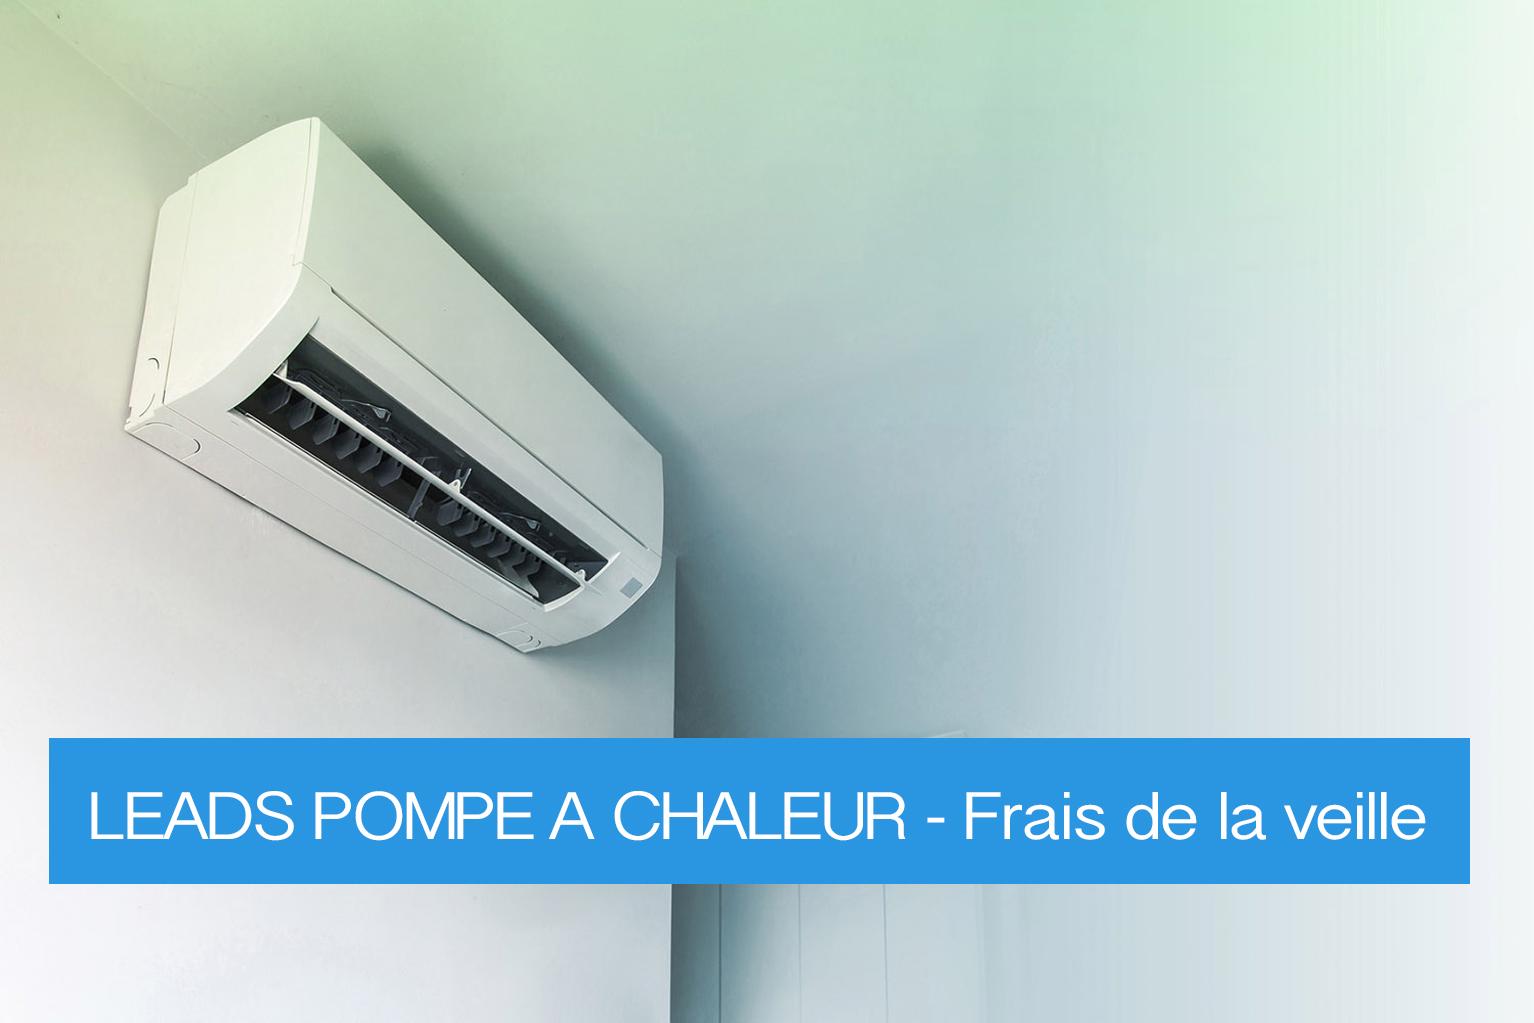 leads pompe à chaleur